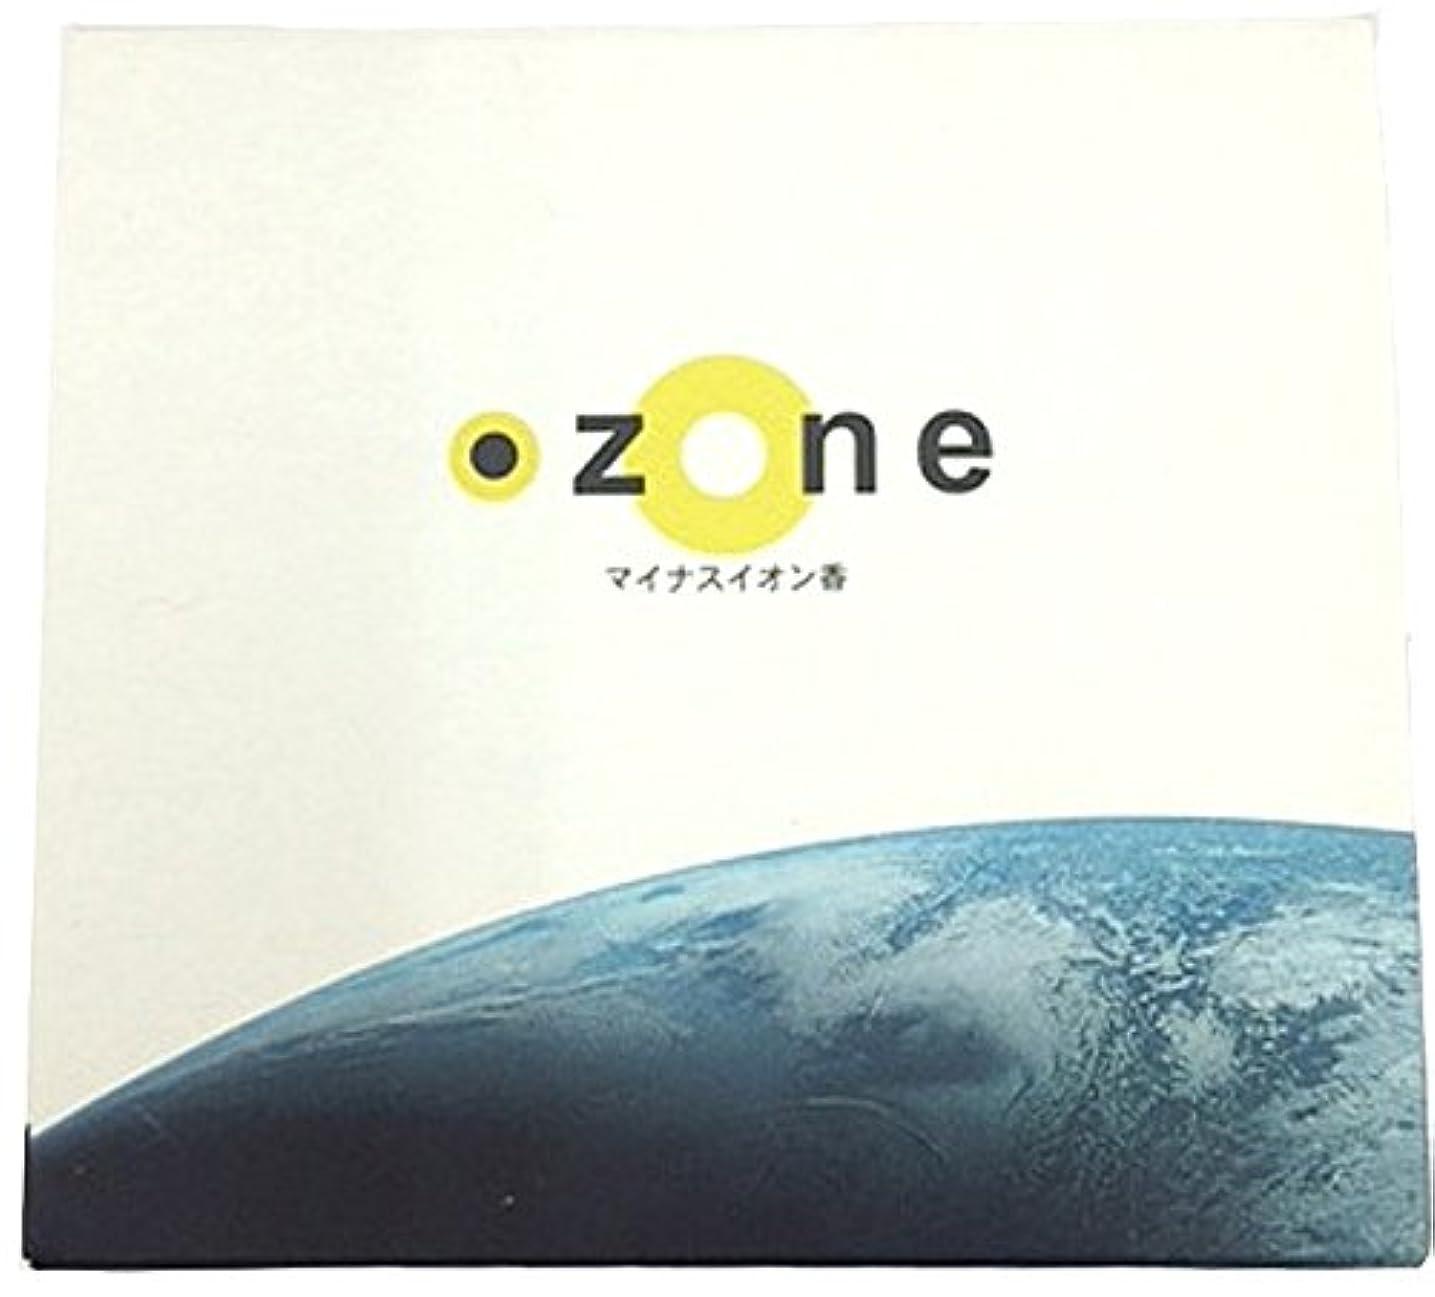 真向こう延期する下悠々庵 OZONE 箱型 オリエンタルハーブ